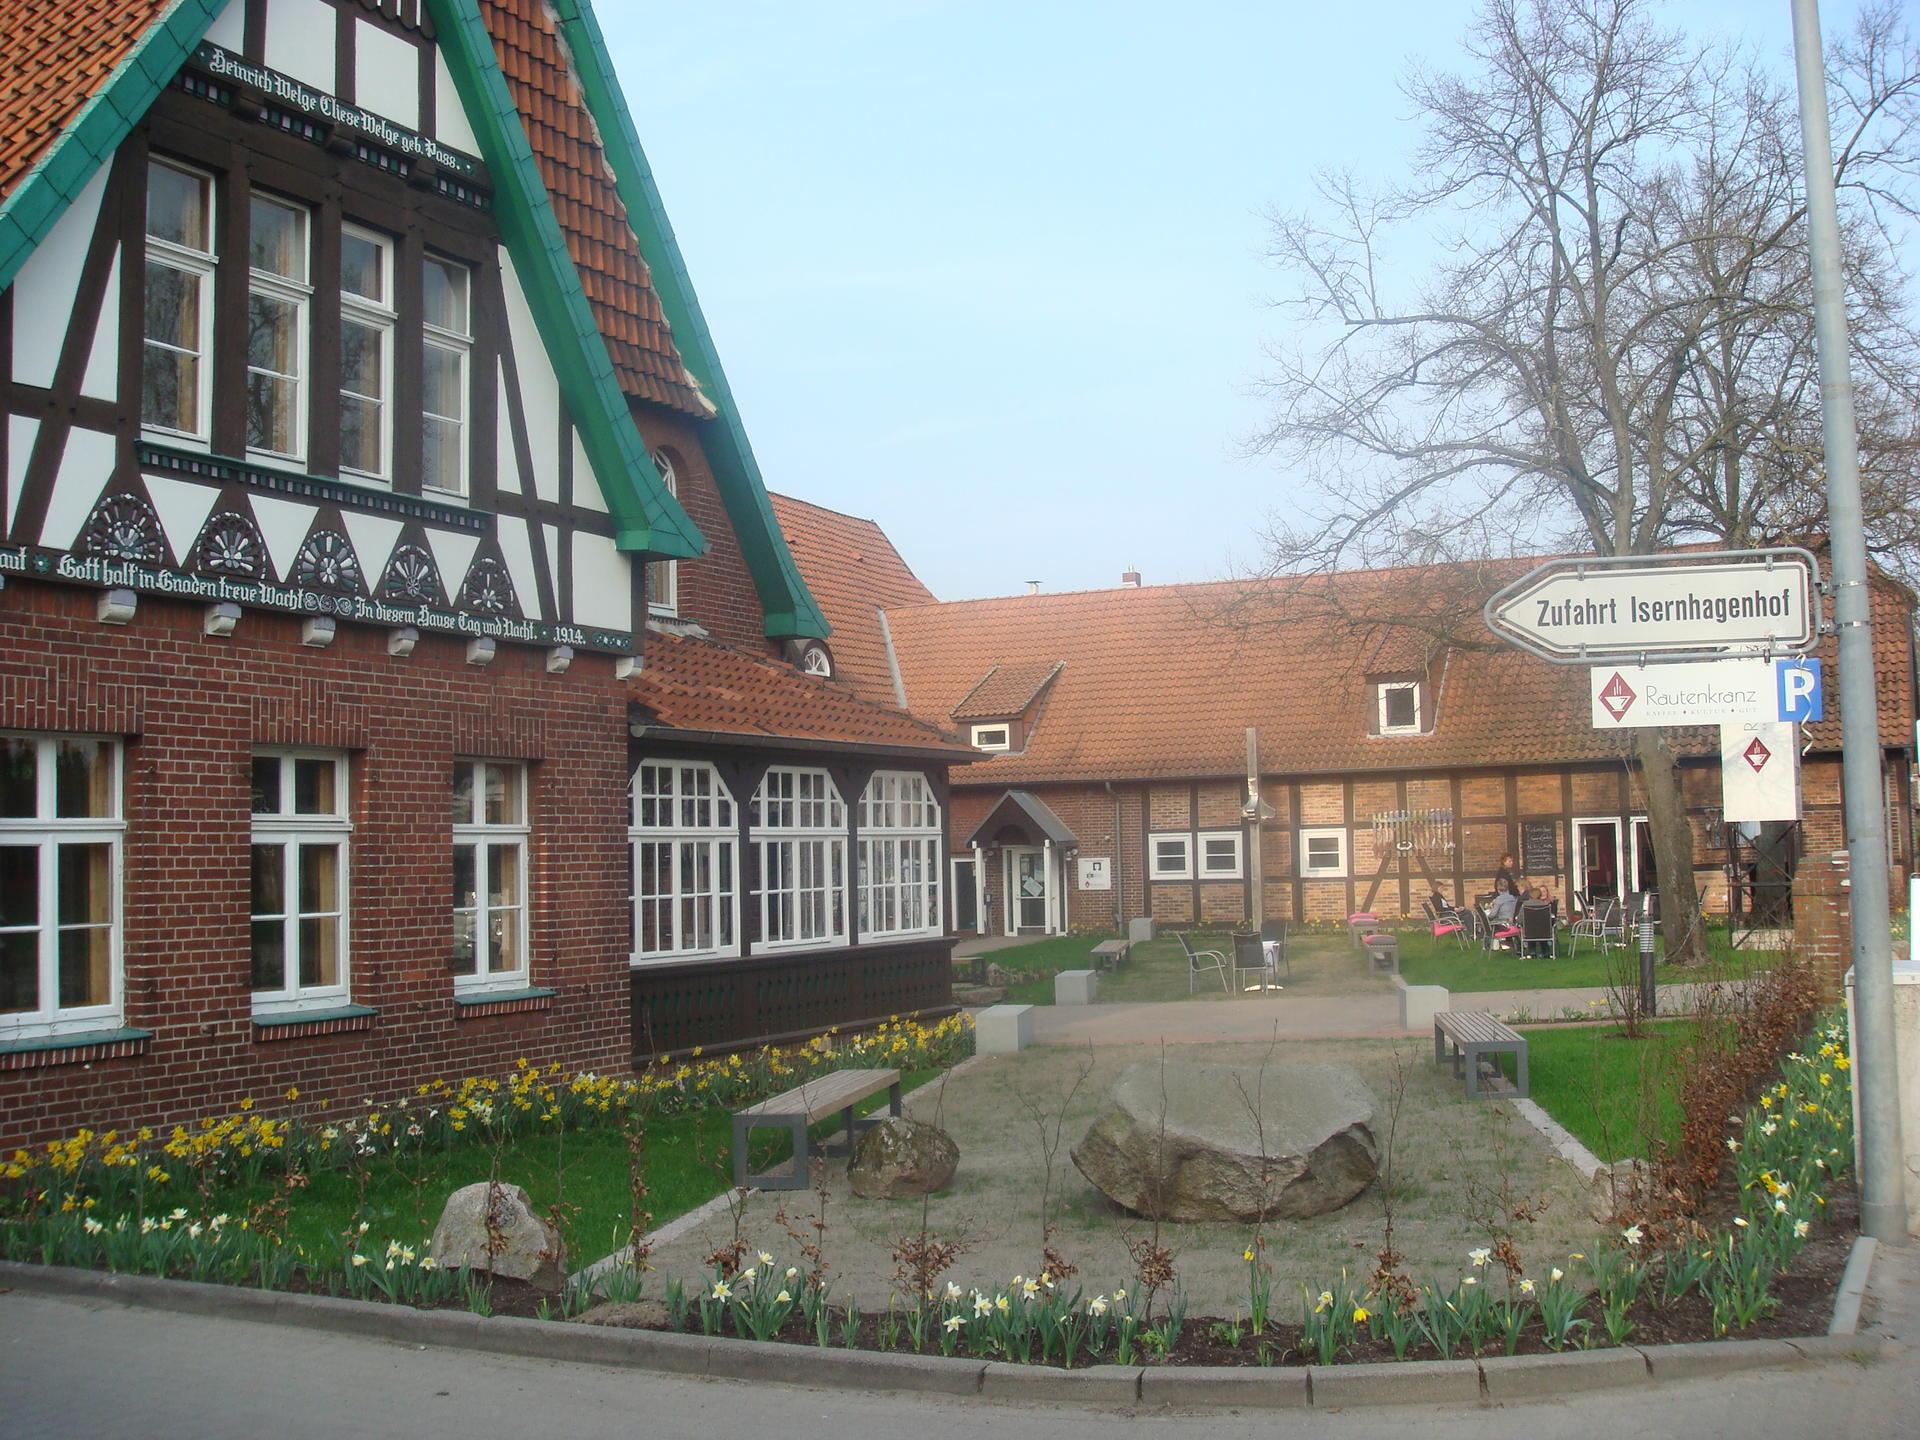 Veranstaltungsscheune Isernhagenhof Gemeinde Isernhagen